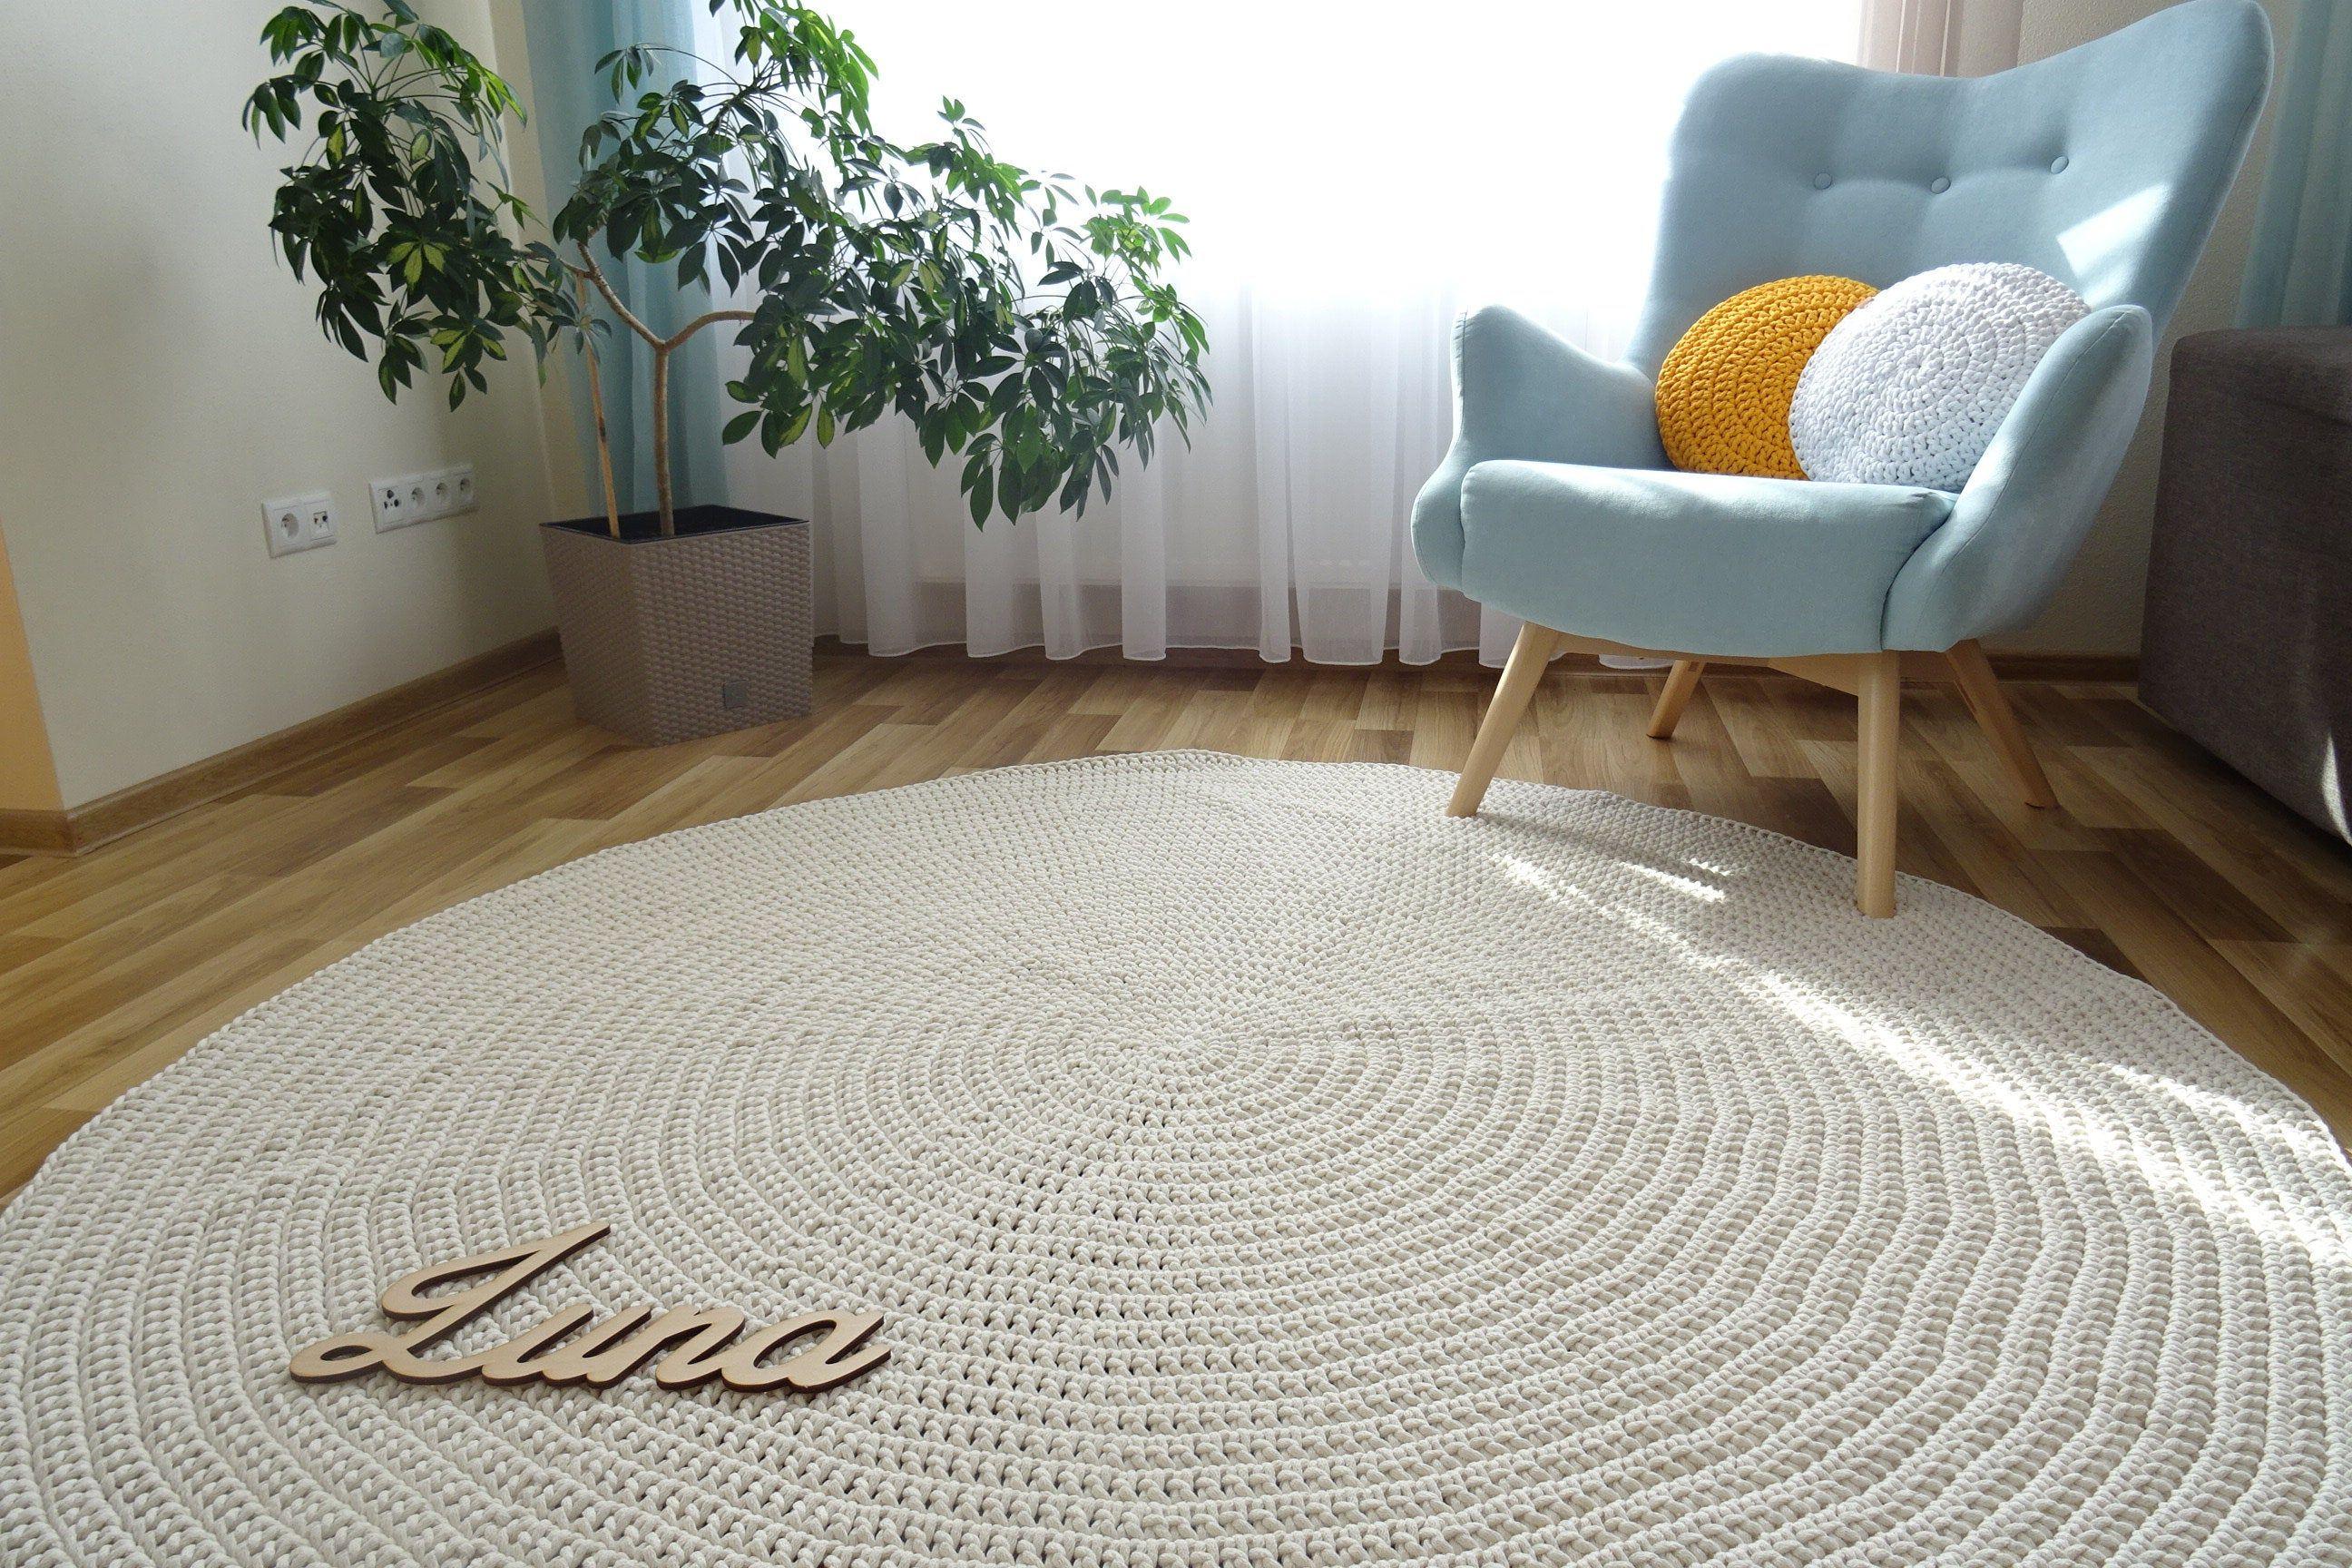 Teppich wohnzimmer, kinderteppich, runder teppich, teppich ...